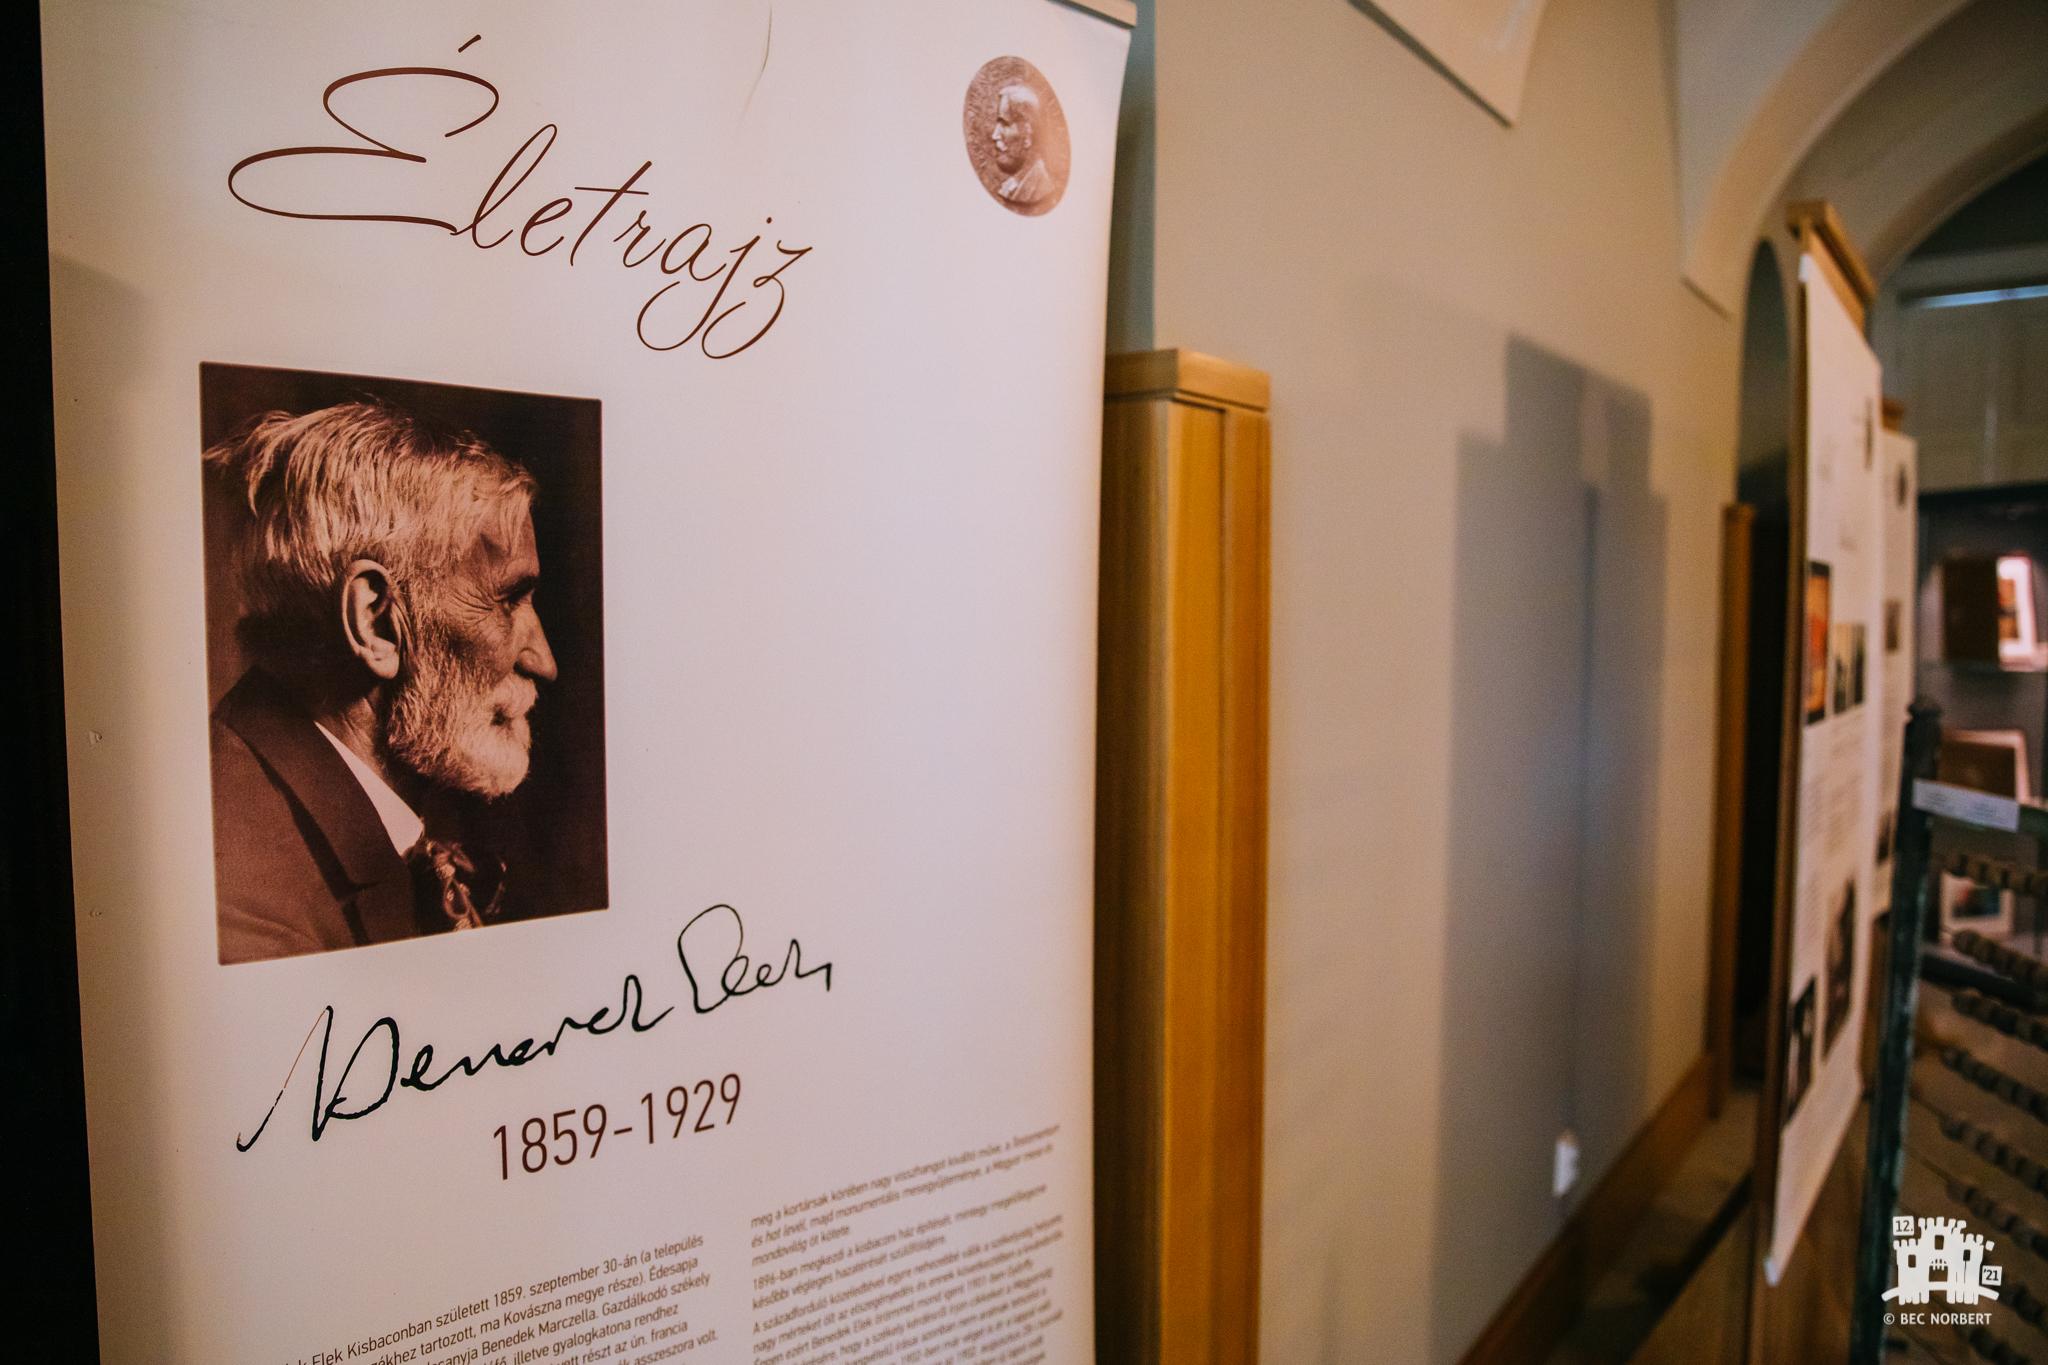 Ambasadorul ereditar al Ținutului Zânelor. Vernisajul expoziției retrospective despre munca și opera scriitorului Benedek Elek